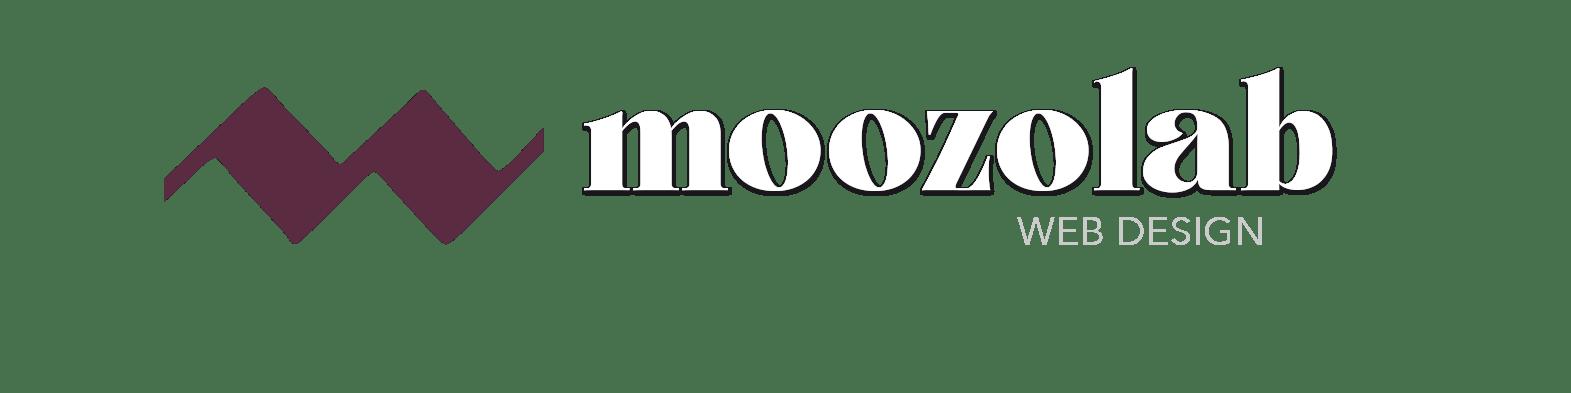 moozolab.com